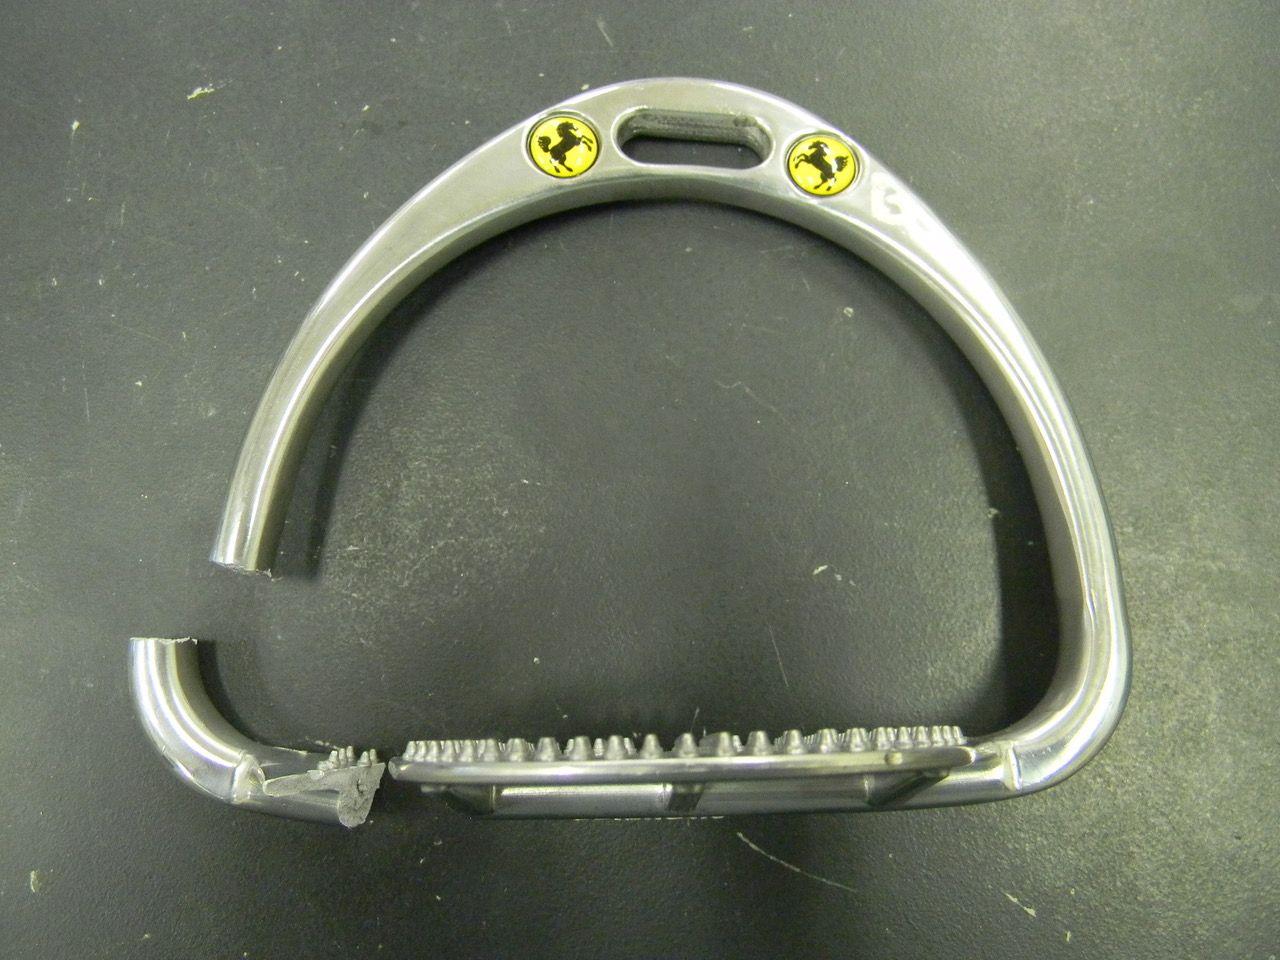 武豊騎手から預かったアブミの1つアルミ製。数値は5.5kNと、日本の基準だと不合格であろう。